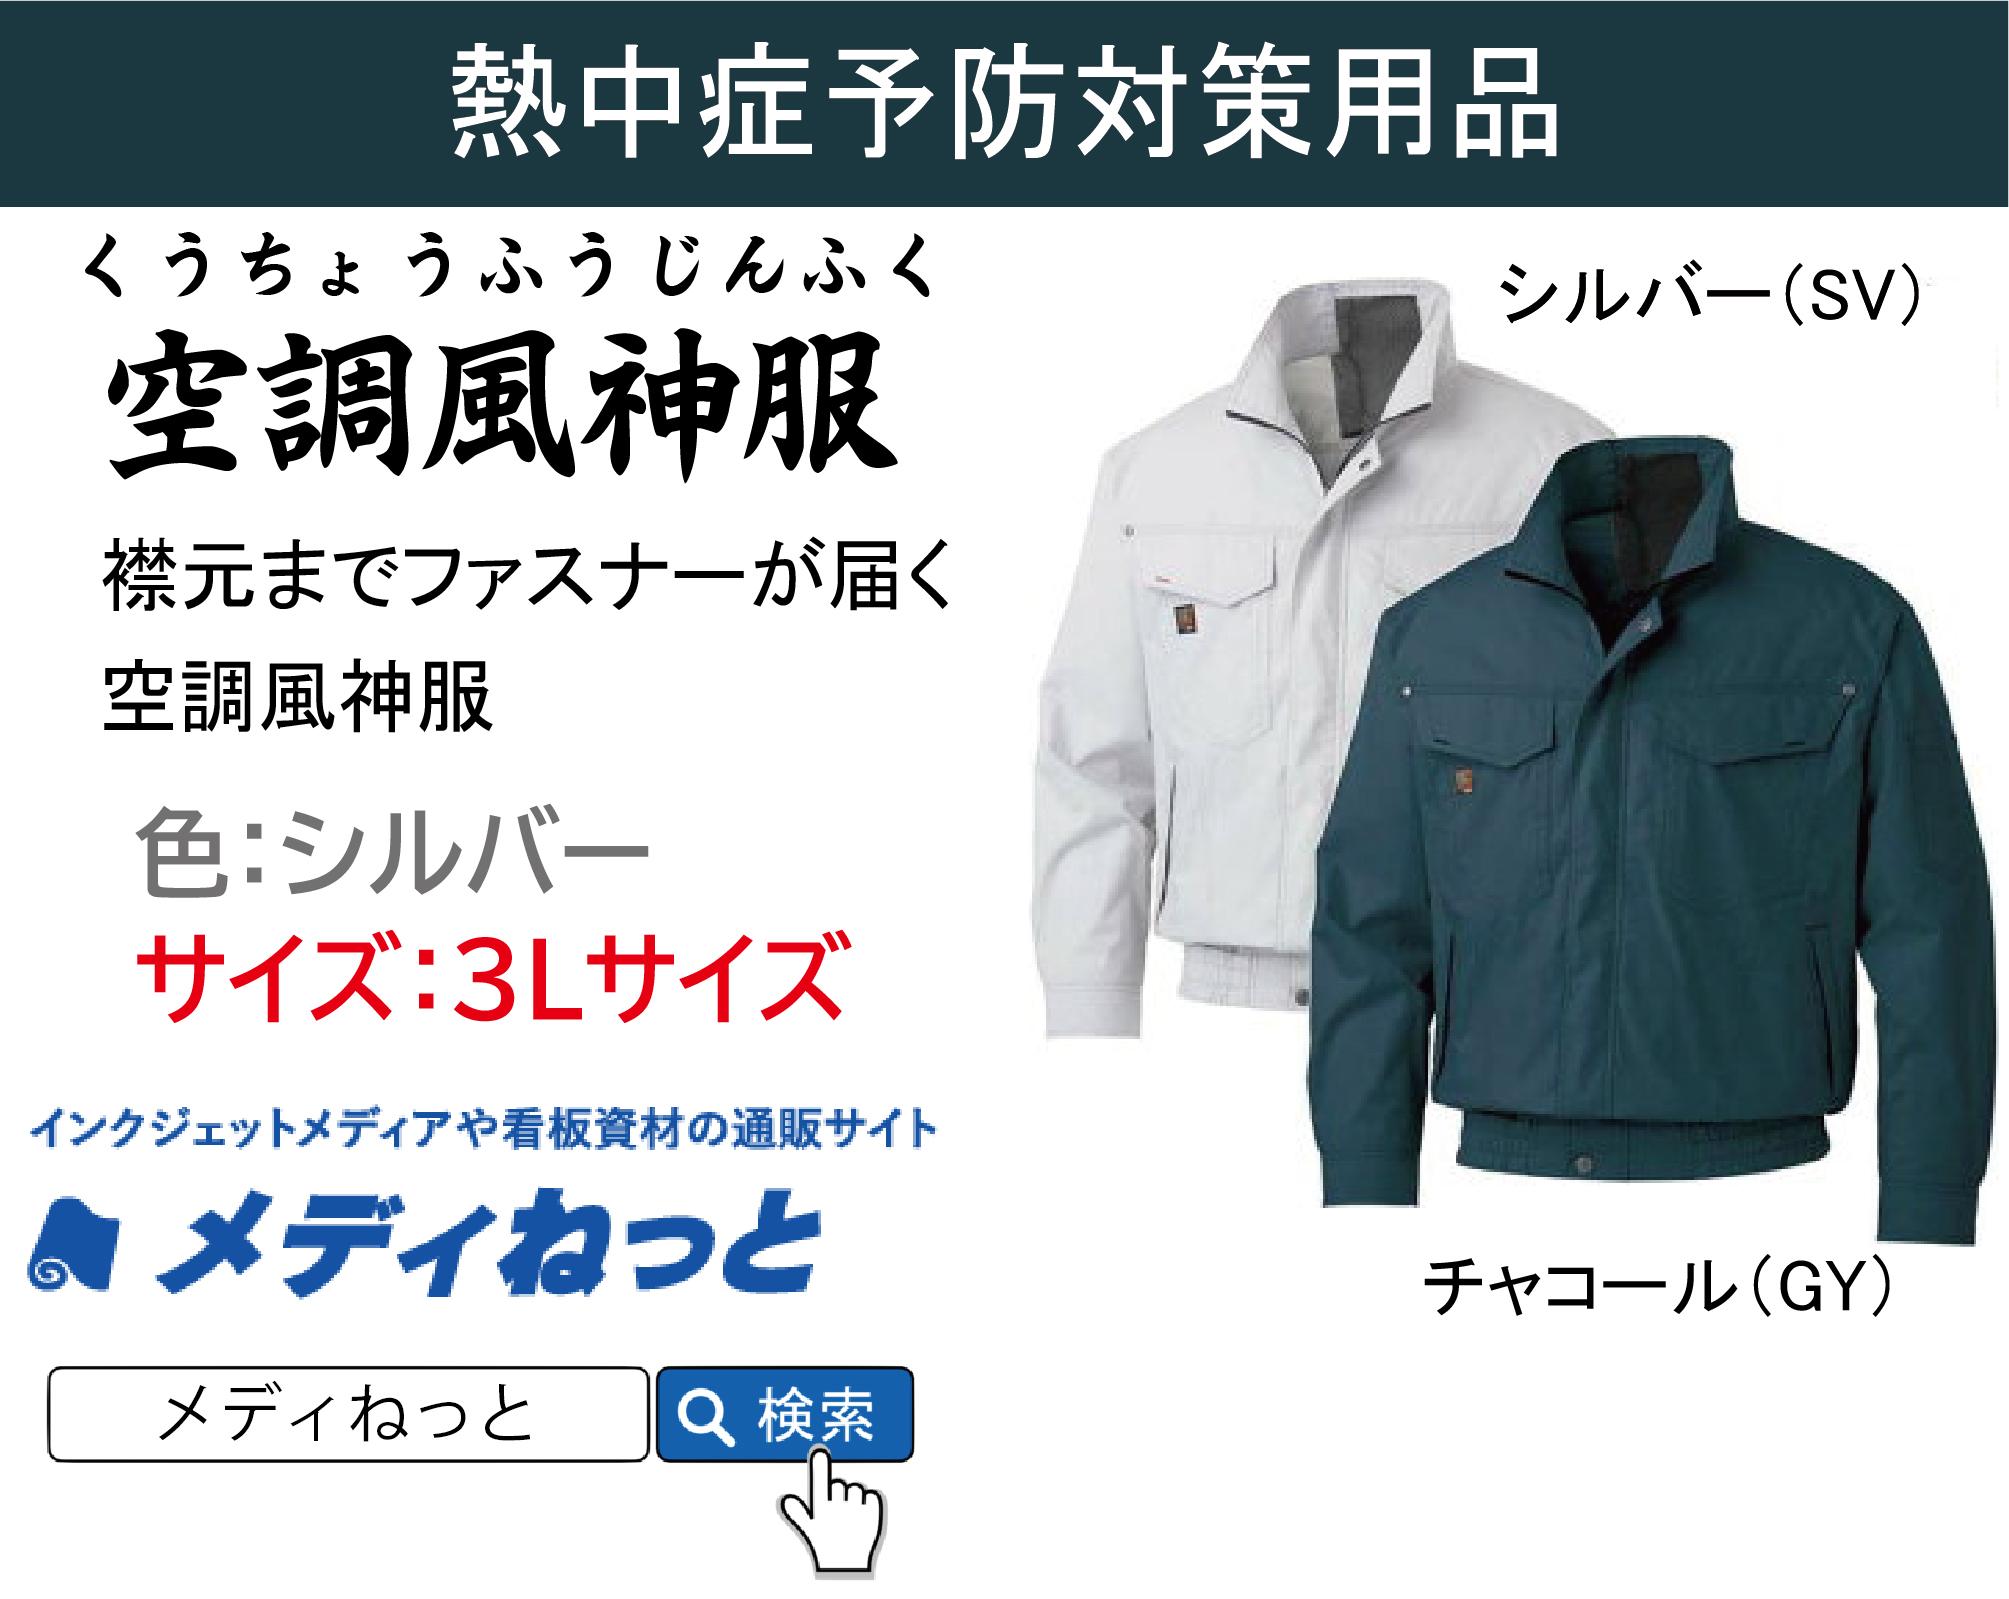 【熱中症対策に!】空調風神服 チャコール3Lサイズ